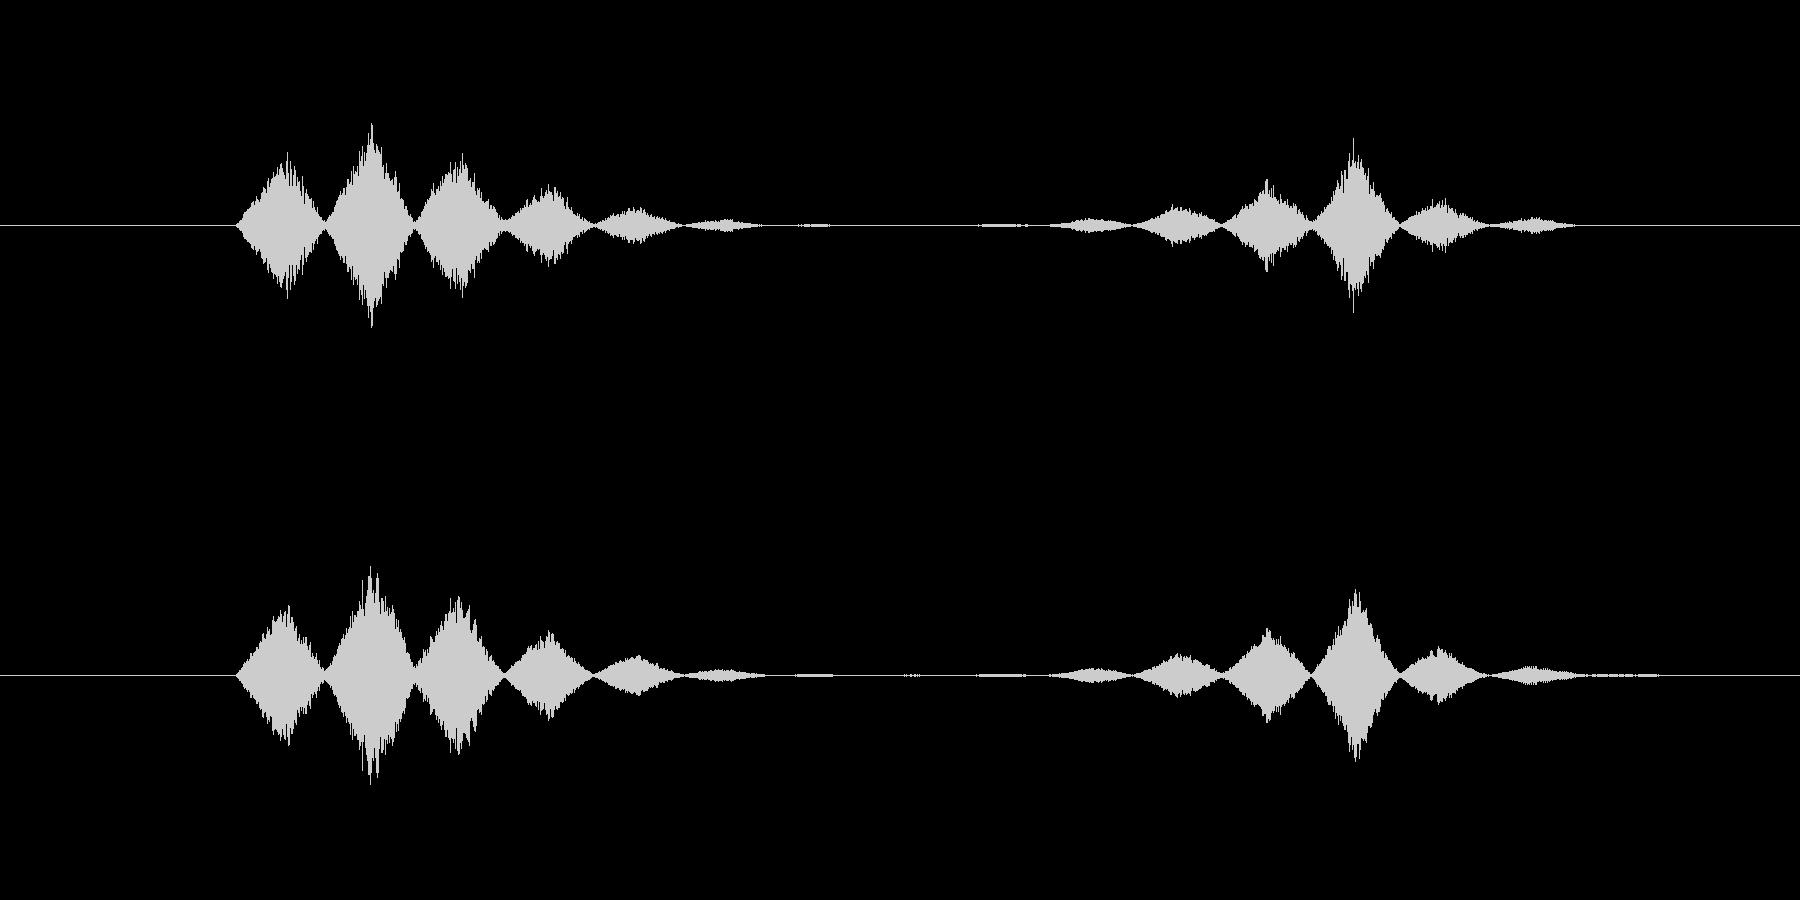 投擲音・投げる音の未再生の波形